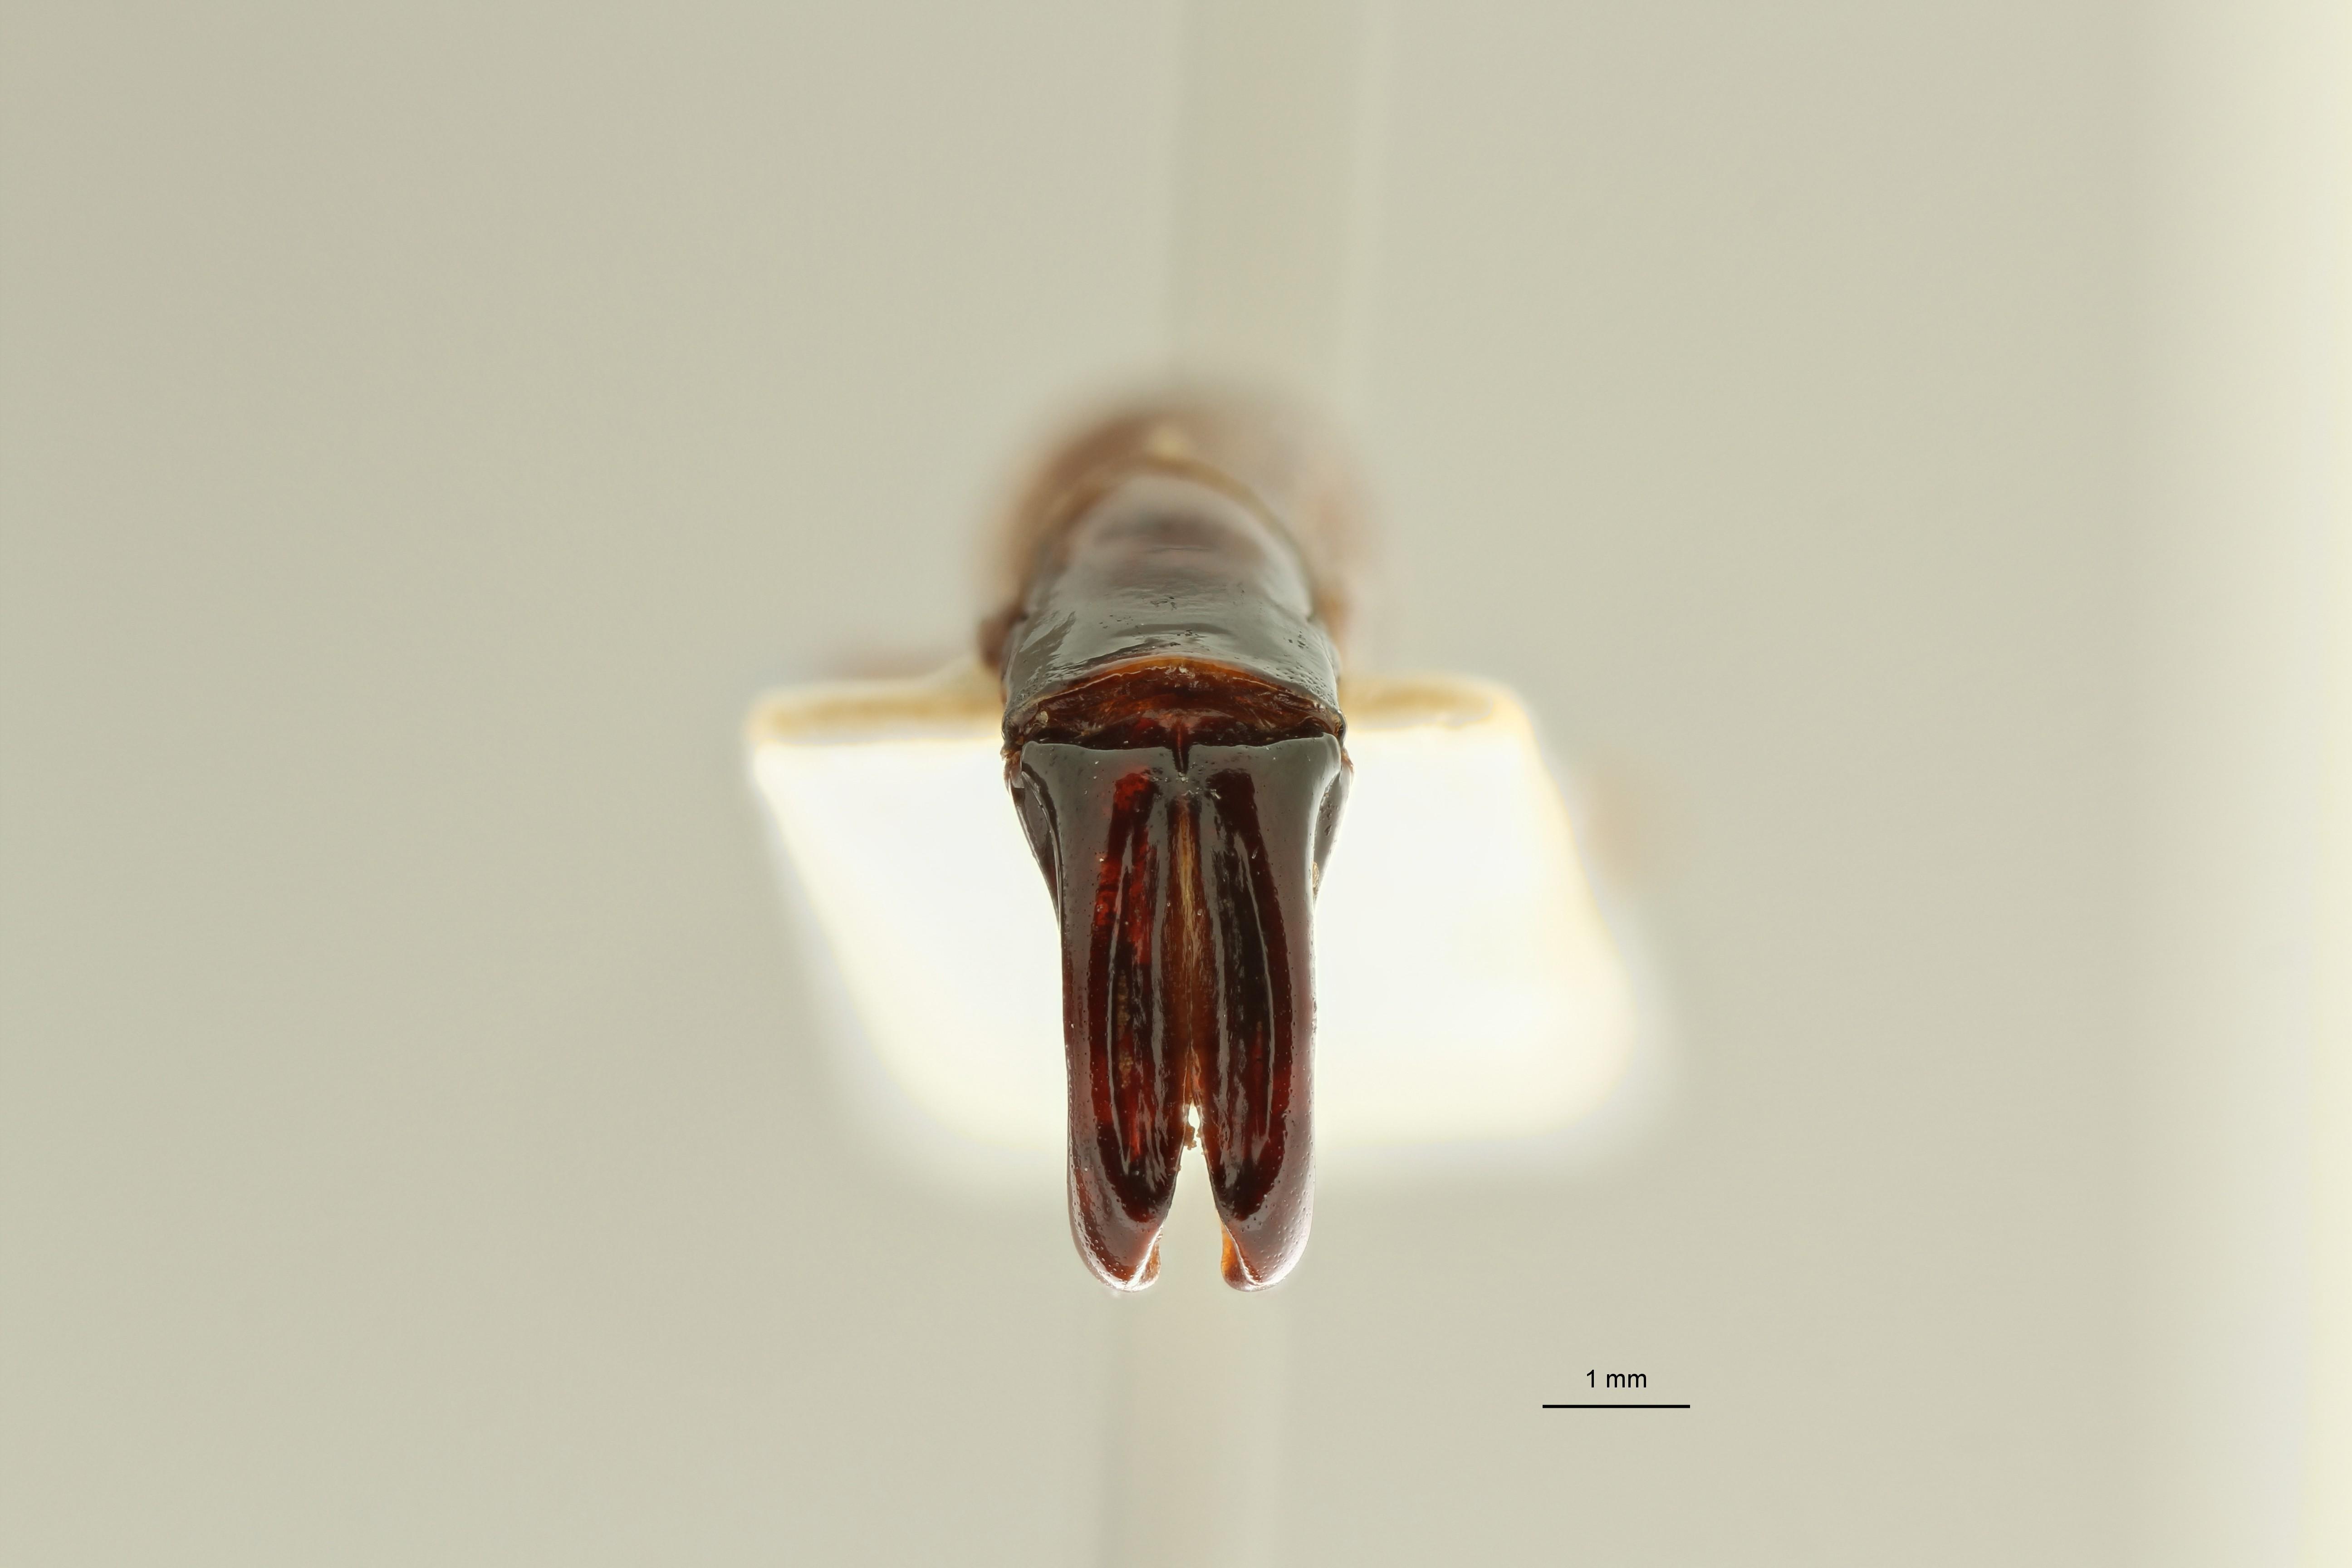 Eudicella (Eudicella) bouyeri ht DG ZS PMax Scaled.jpeg